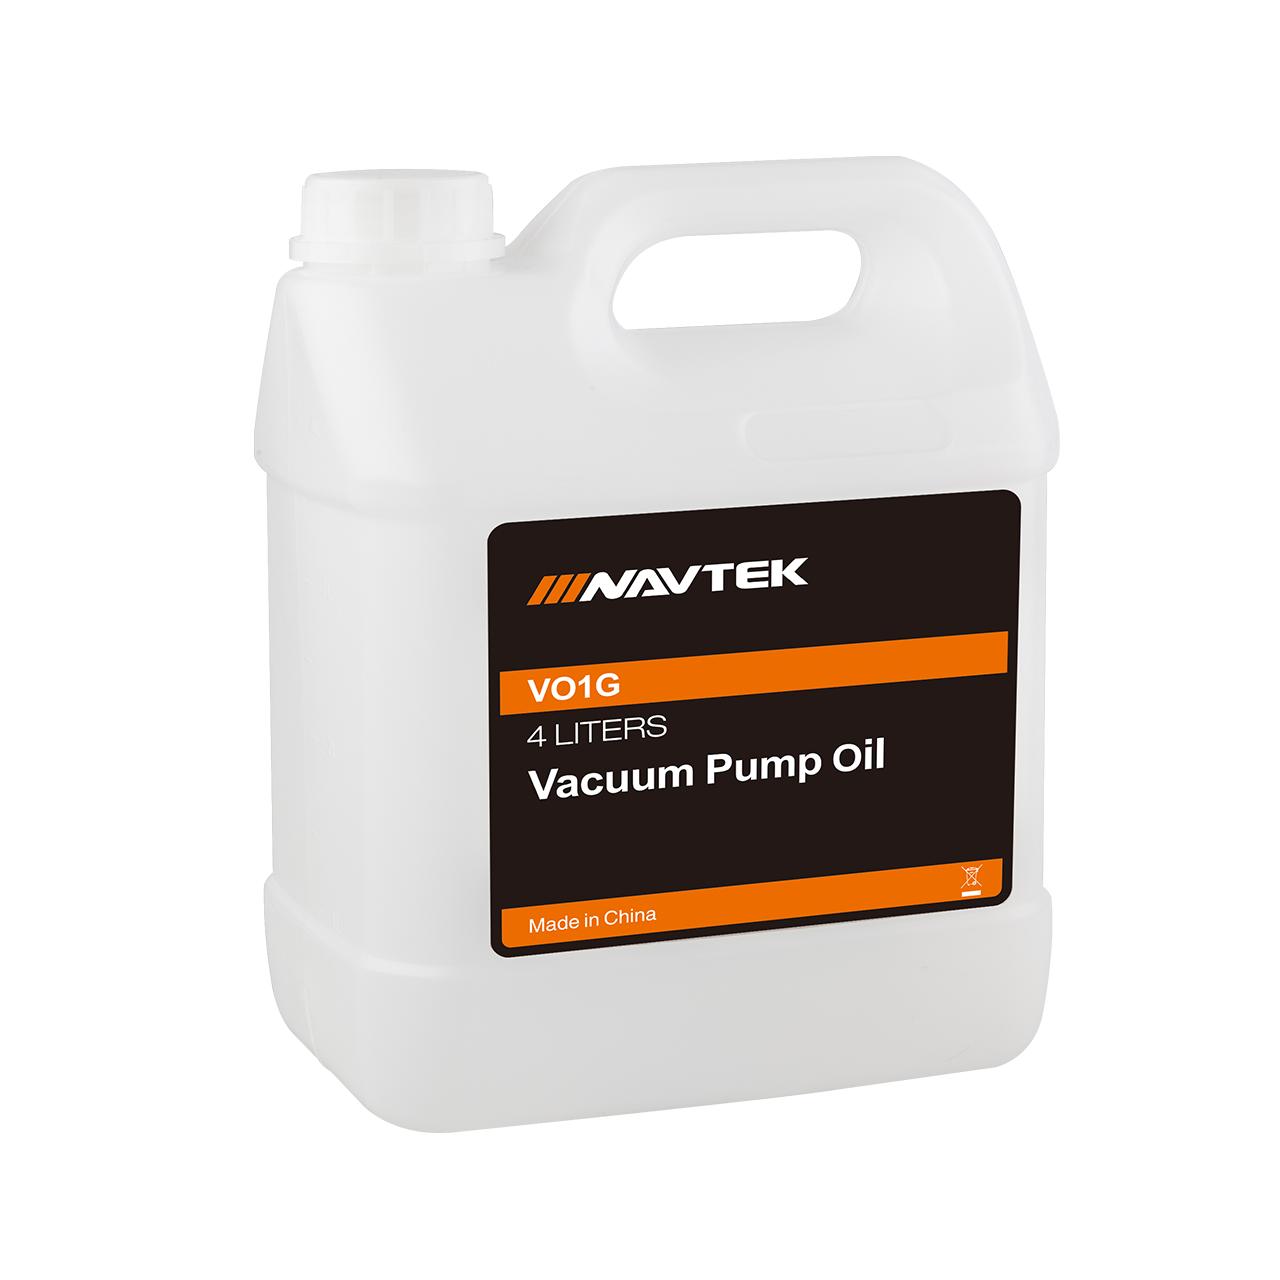 VO1G Premium Vacuum Pump Oil